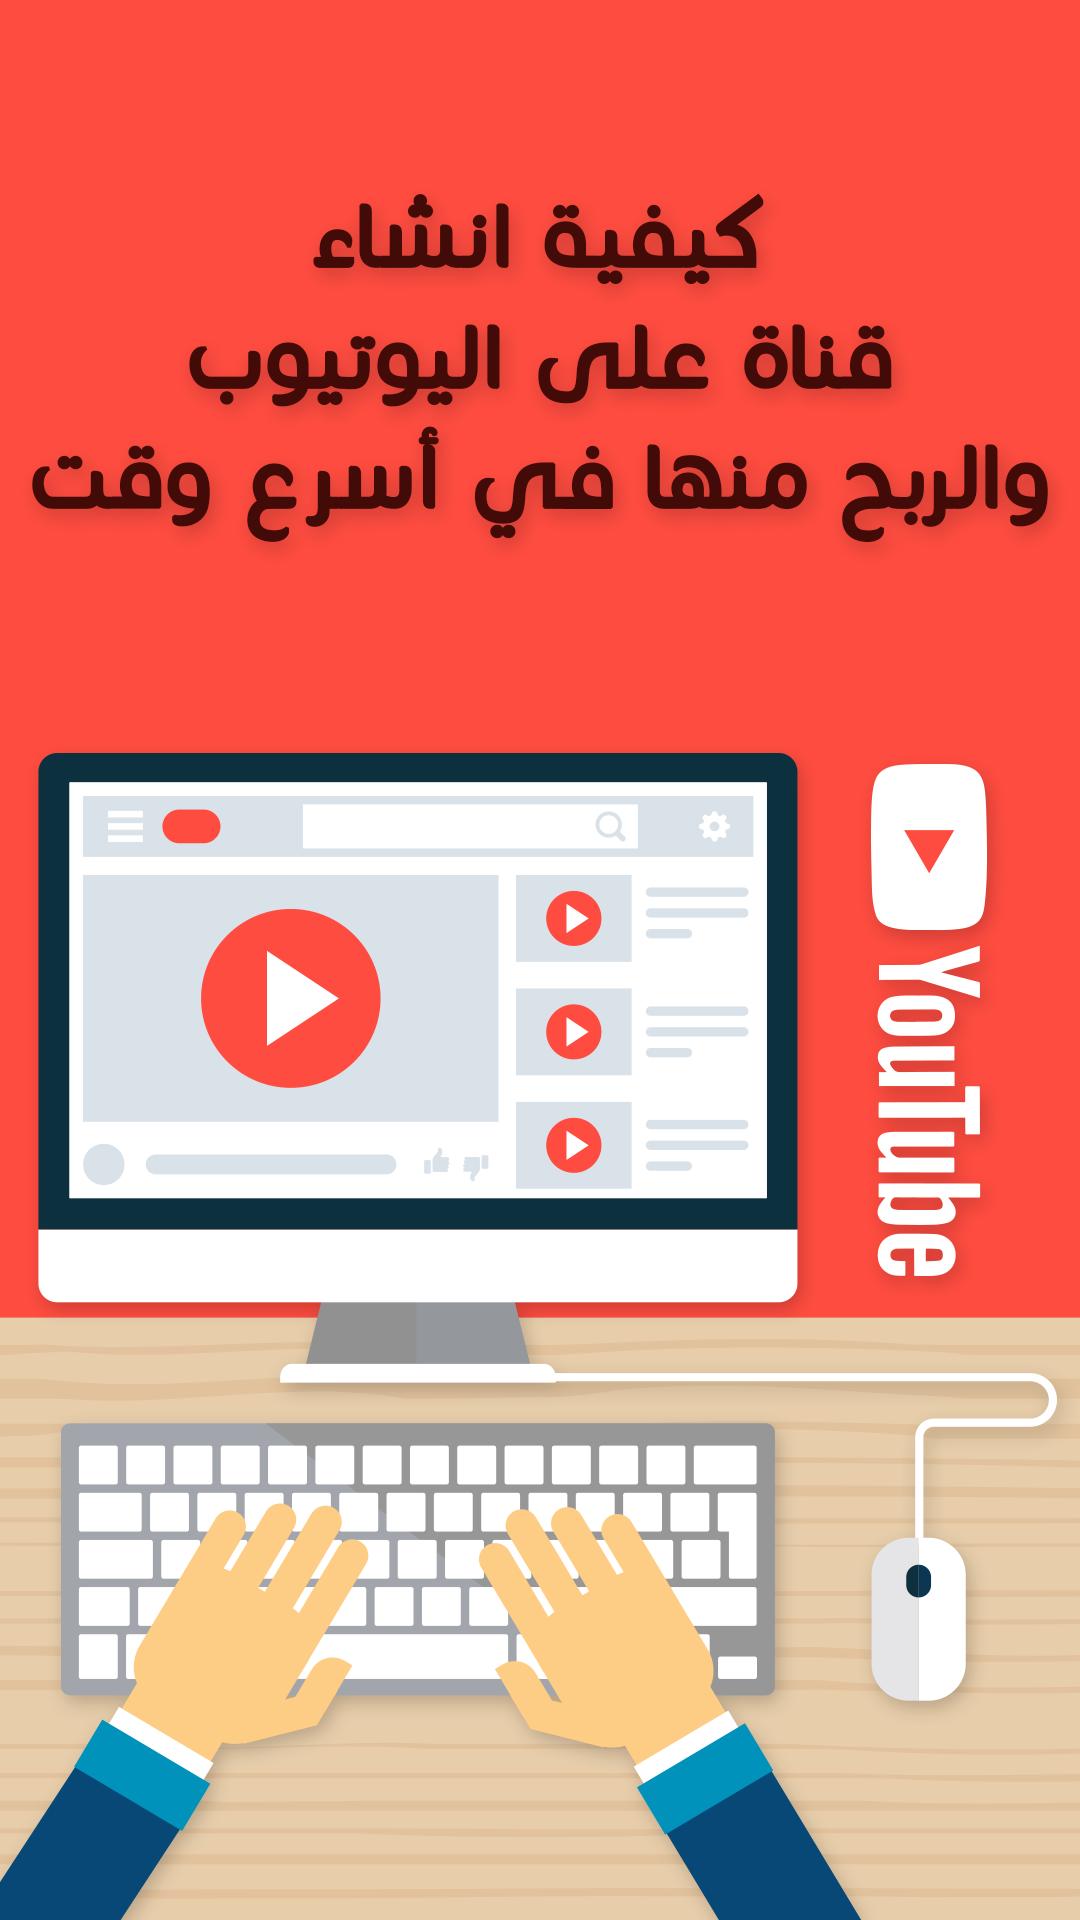 كيفية انشاء قناة على اليوتيوب والربح منها في أسرع وقت Youtube Remote Work Youtube Site